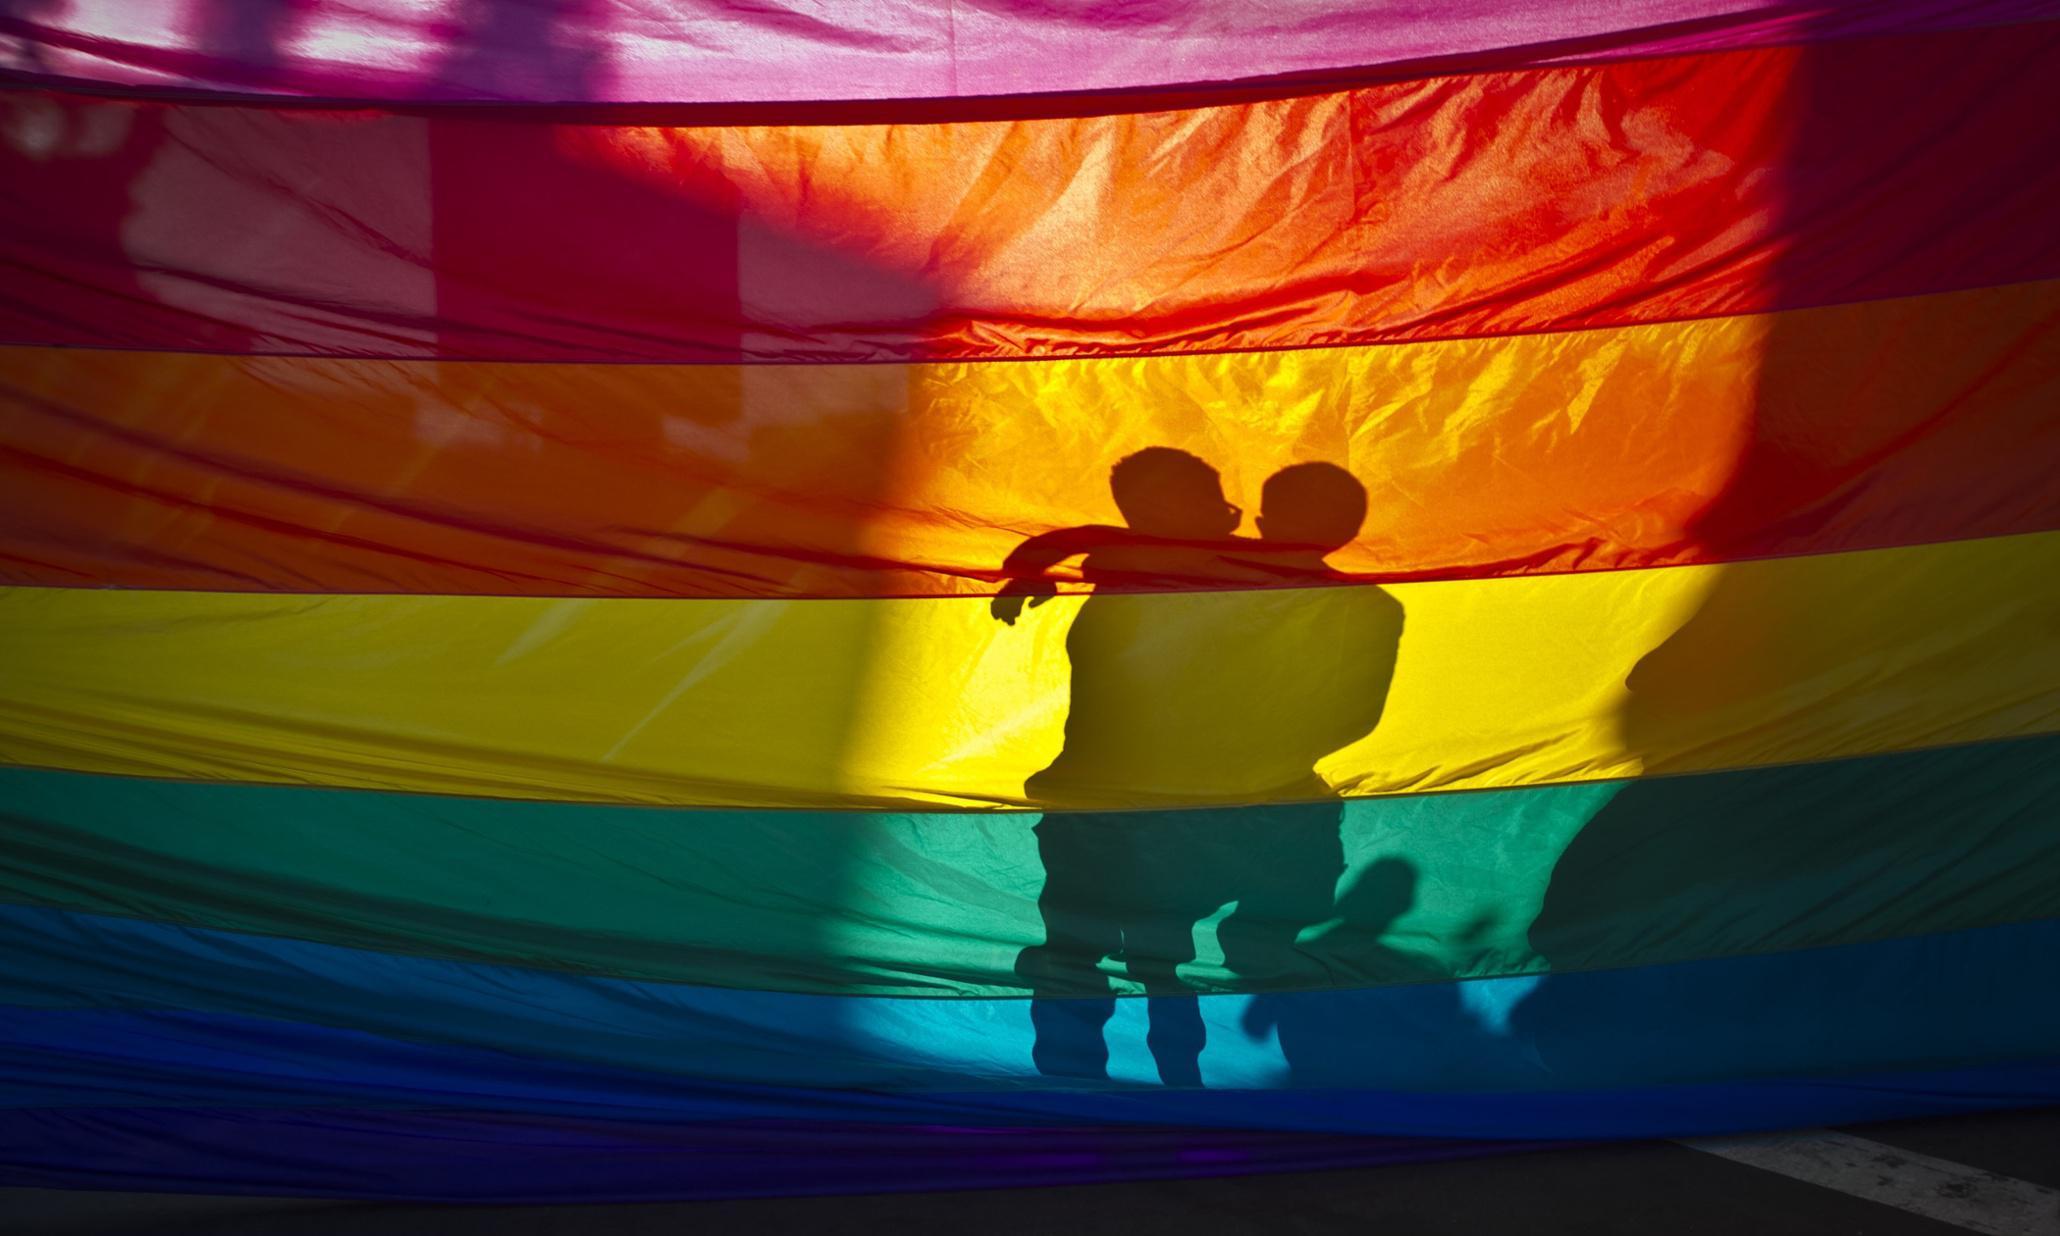 GUCCI: PERMESSI MATRIMONIALI ANCHE A COPPIE GAY